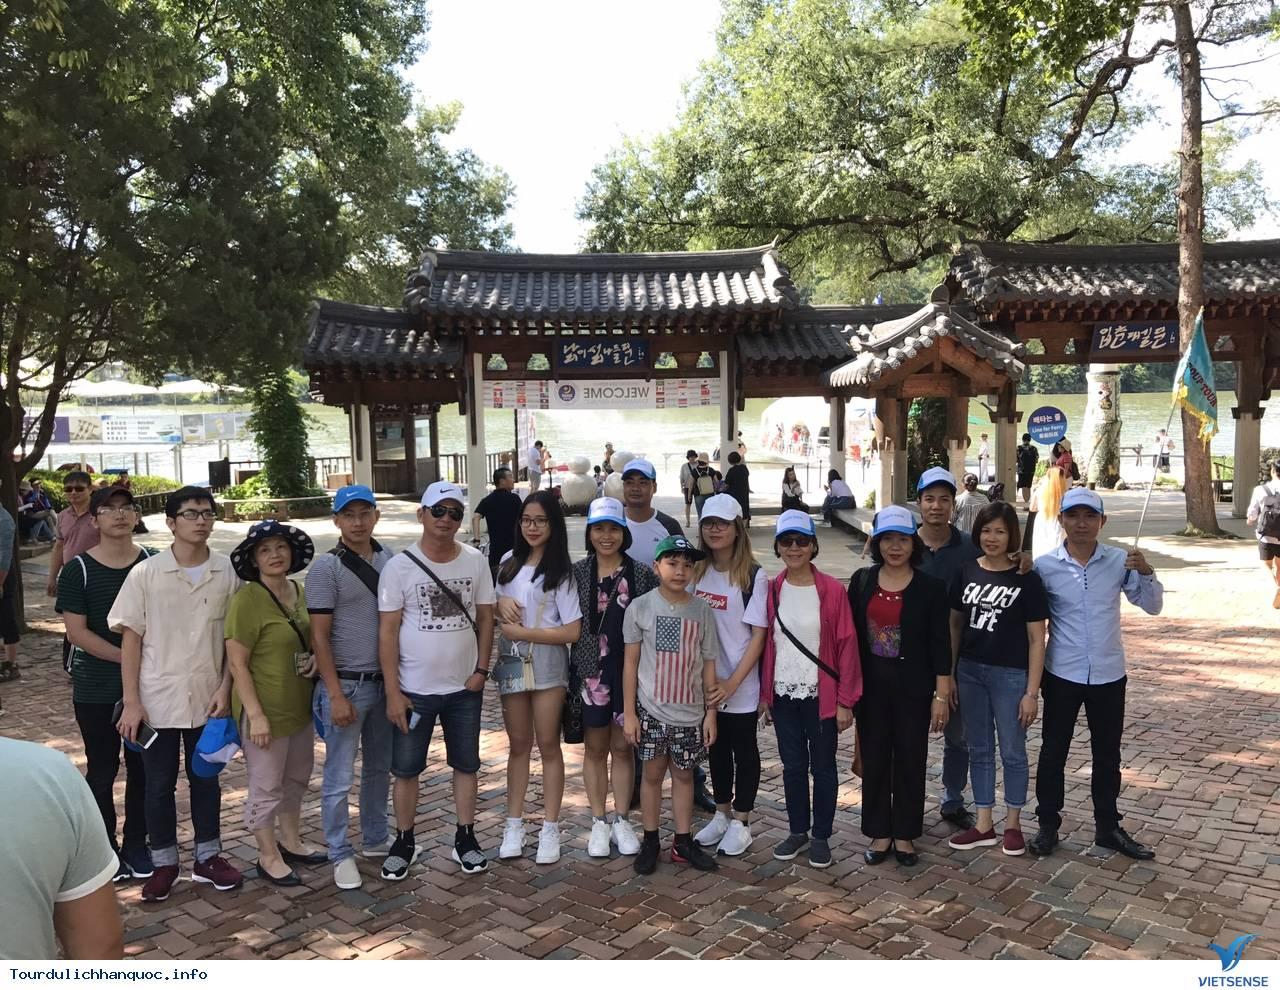 Hình ảnh đoàn Hàn Quốc 31/804/09/2018do Vietsense tổ chức - Ảnh 5